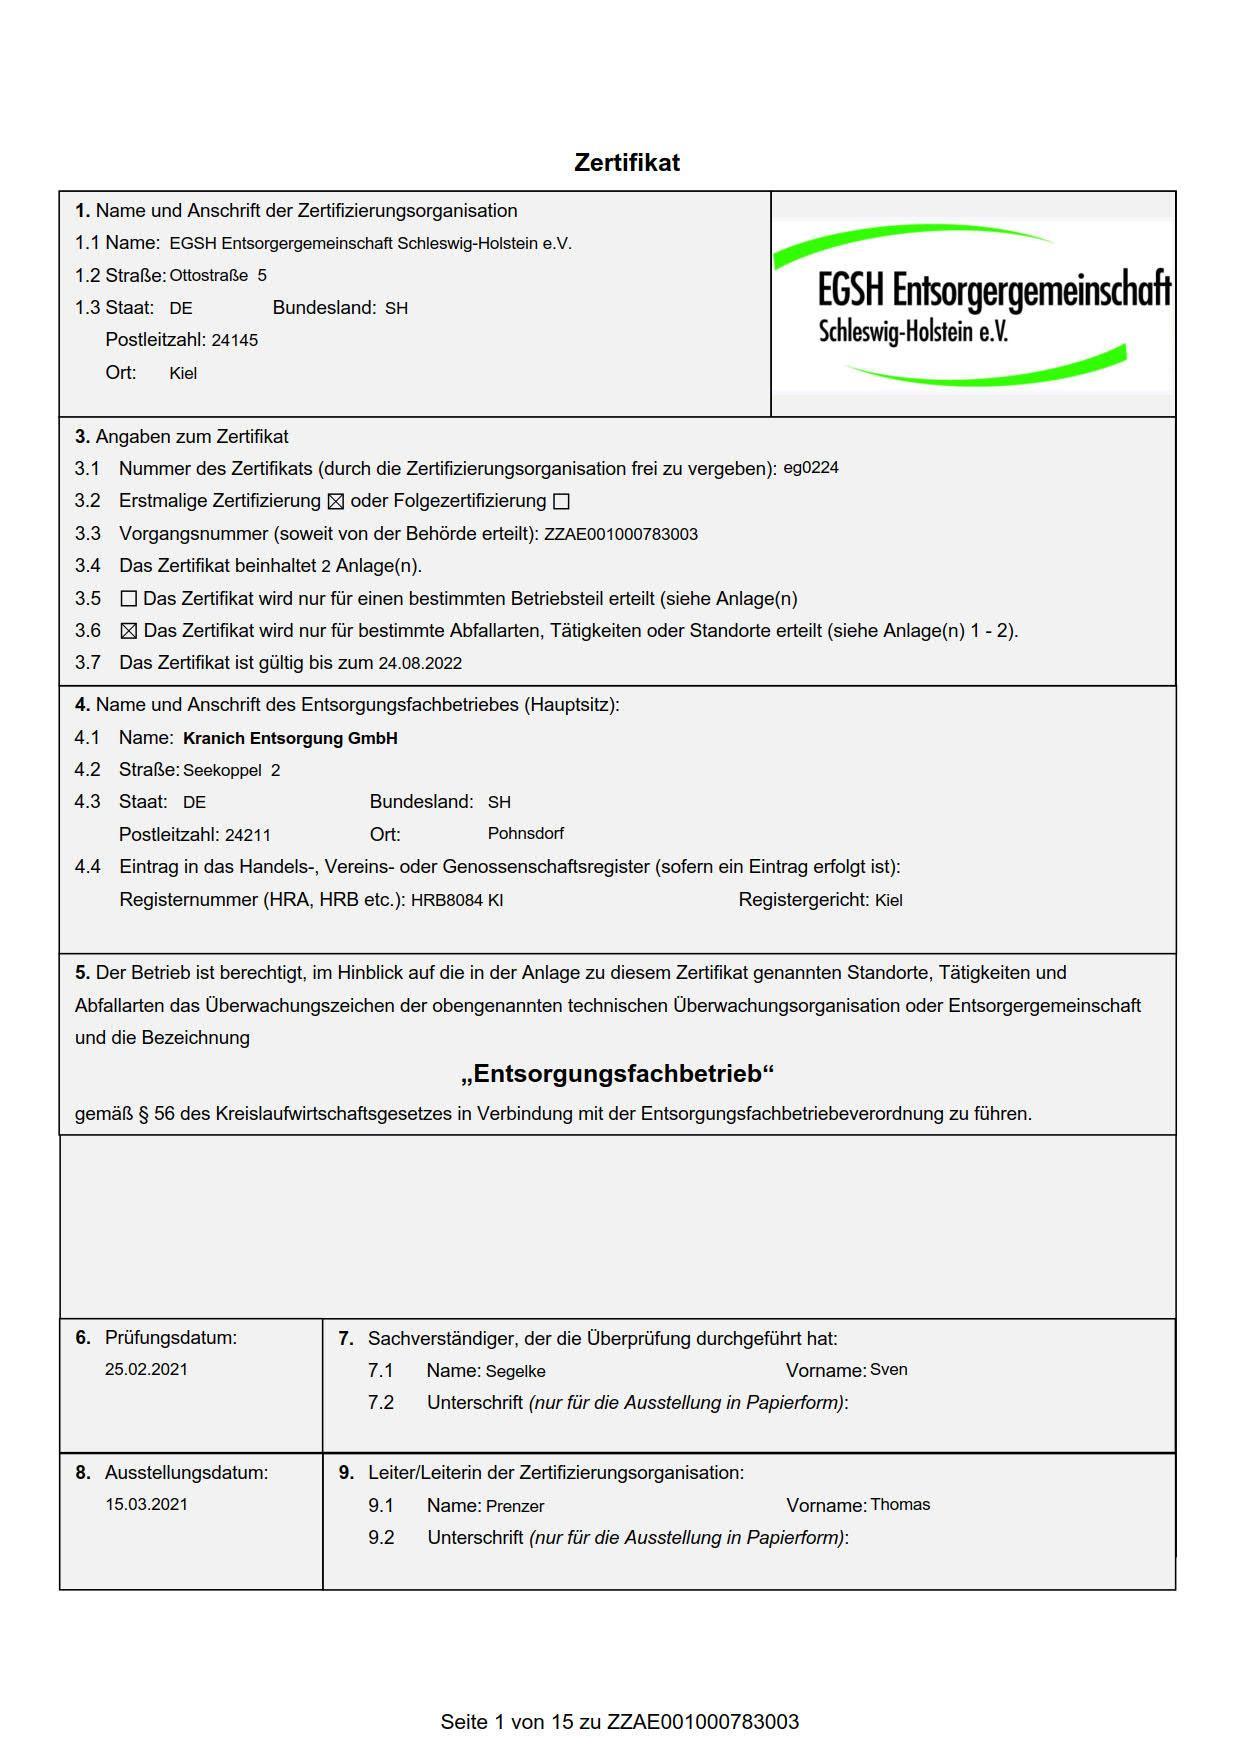 EfB-Zertifikat mit Anhang